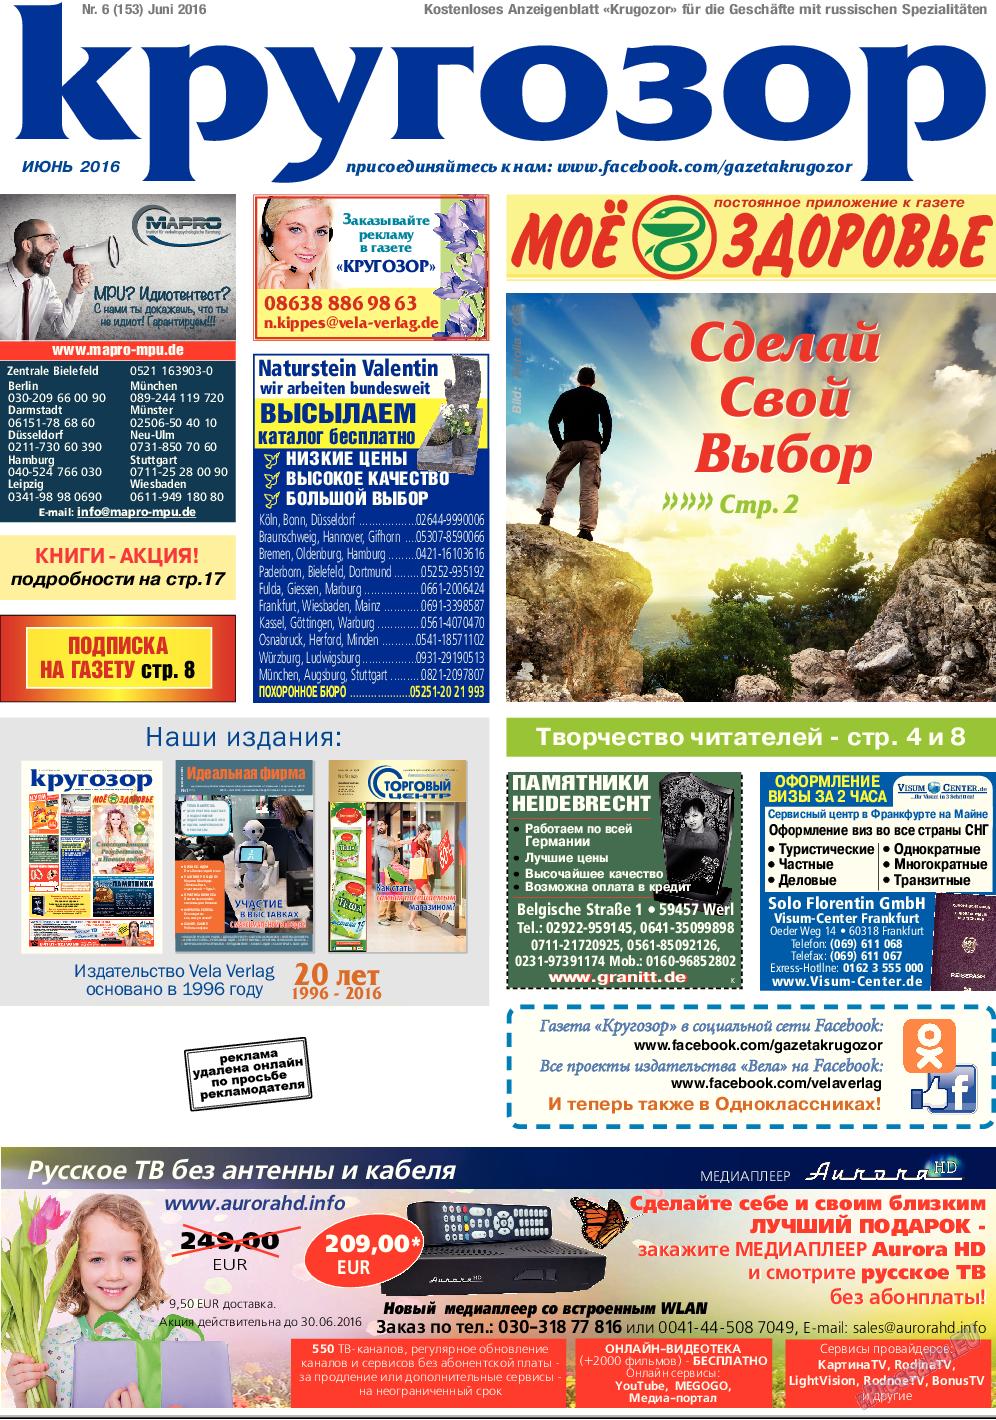 Кругозор (газета). 2016 год, номер 6, стр. 1